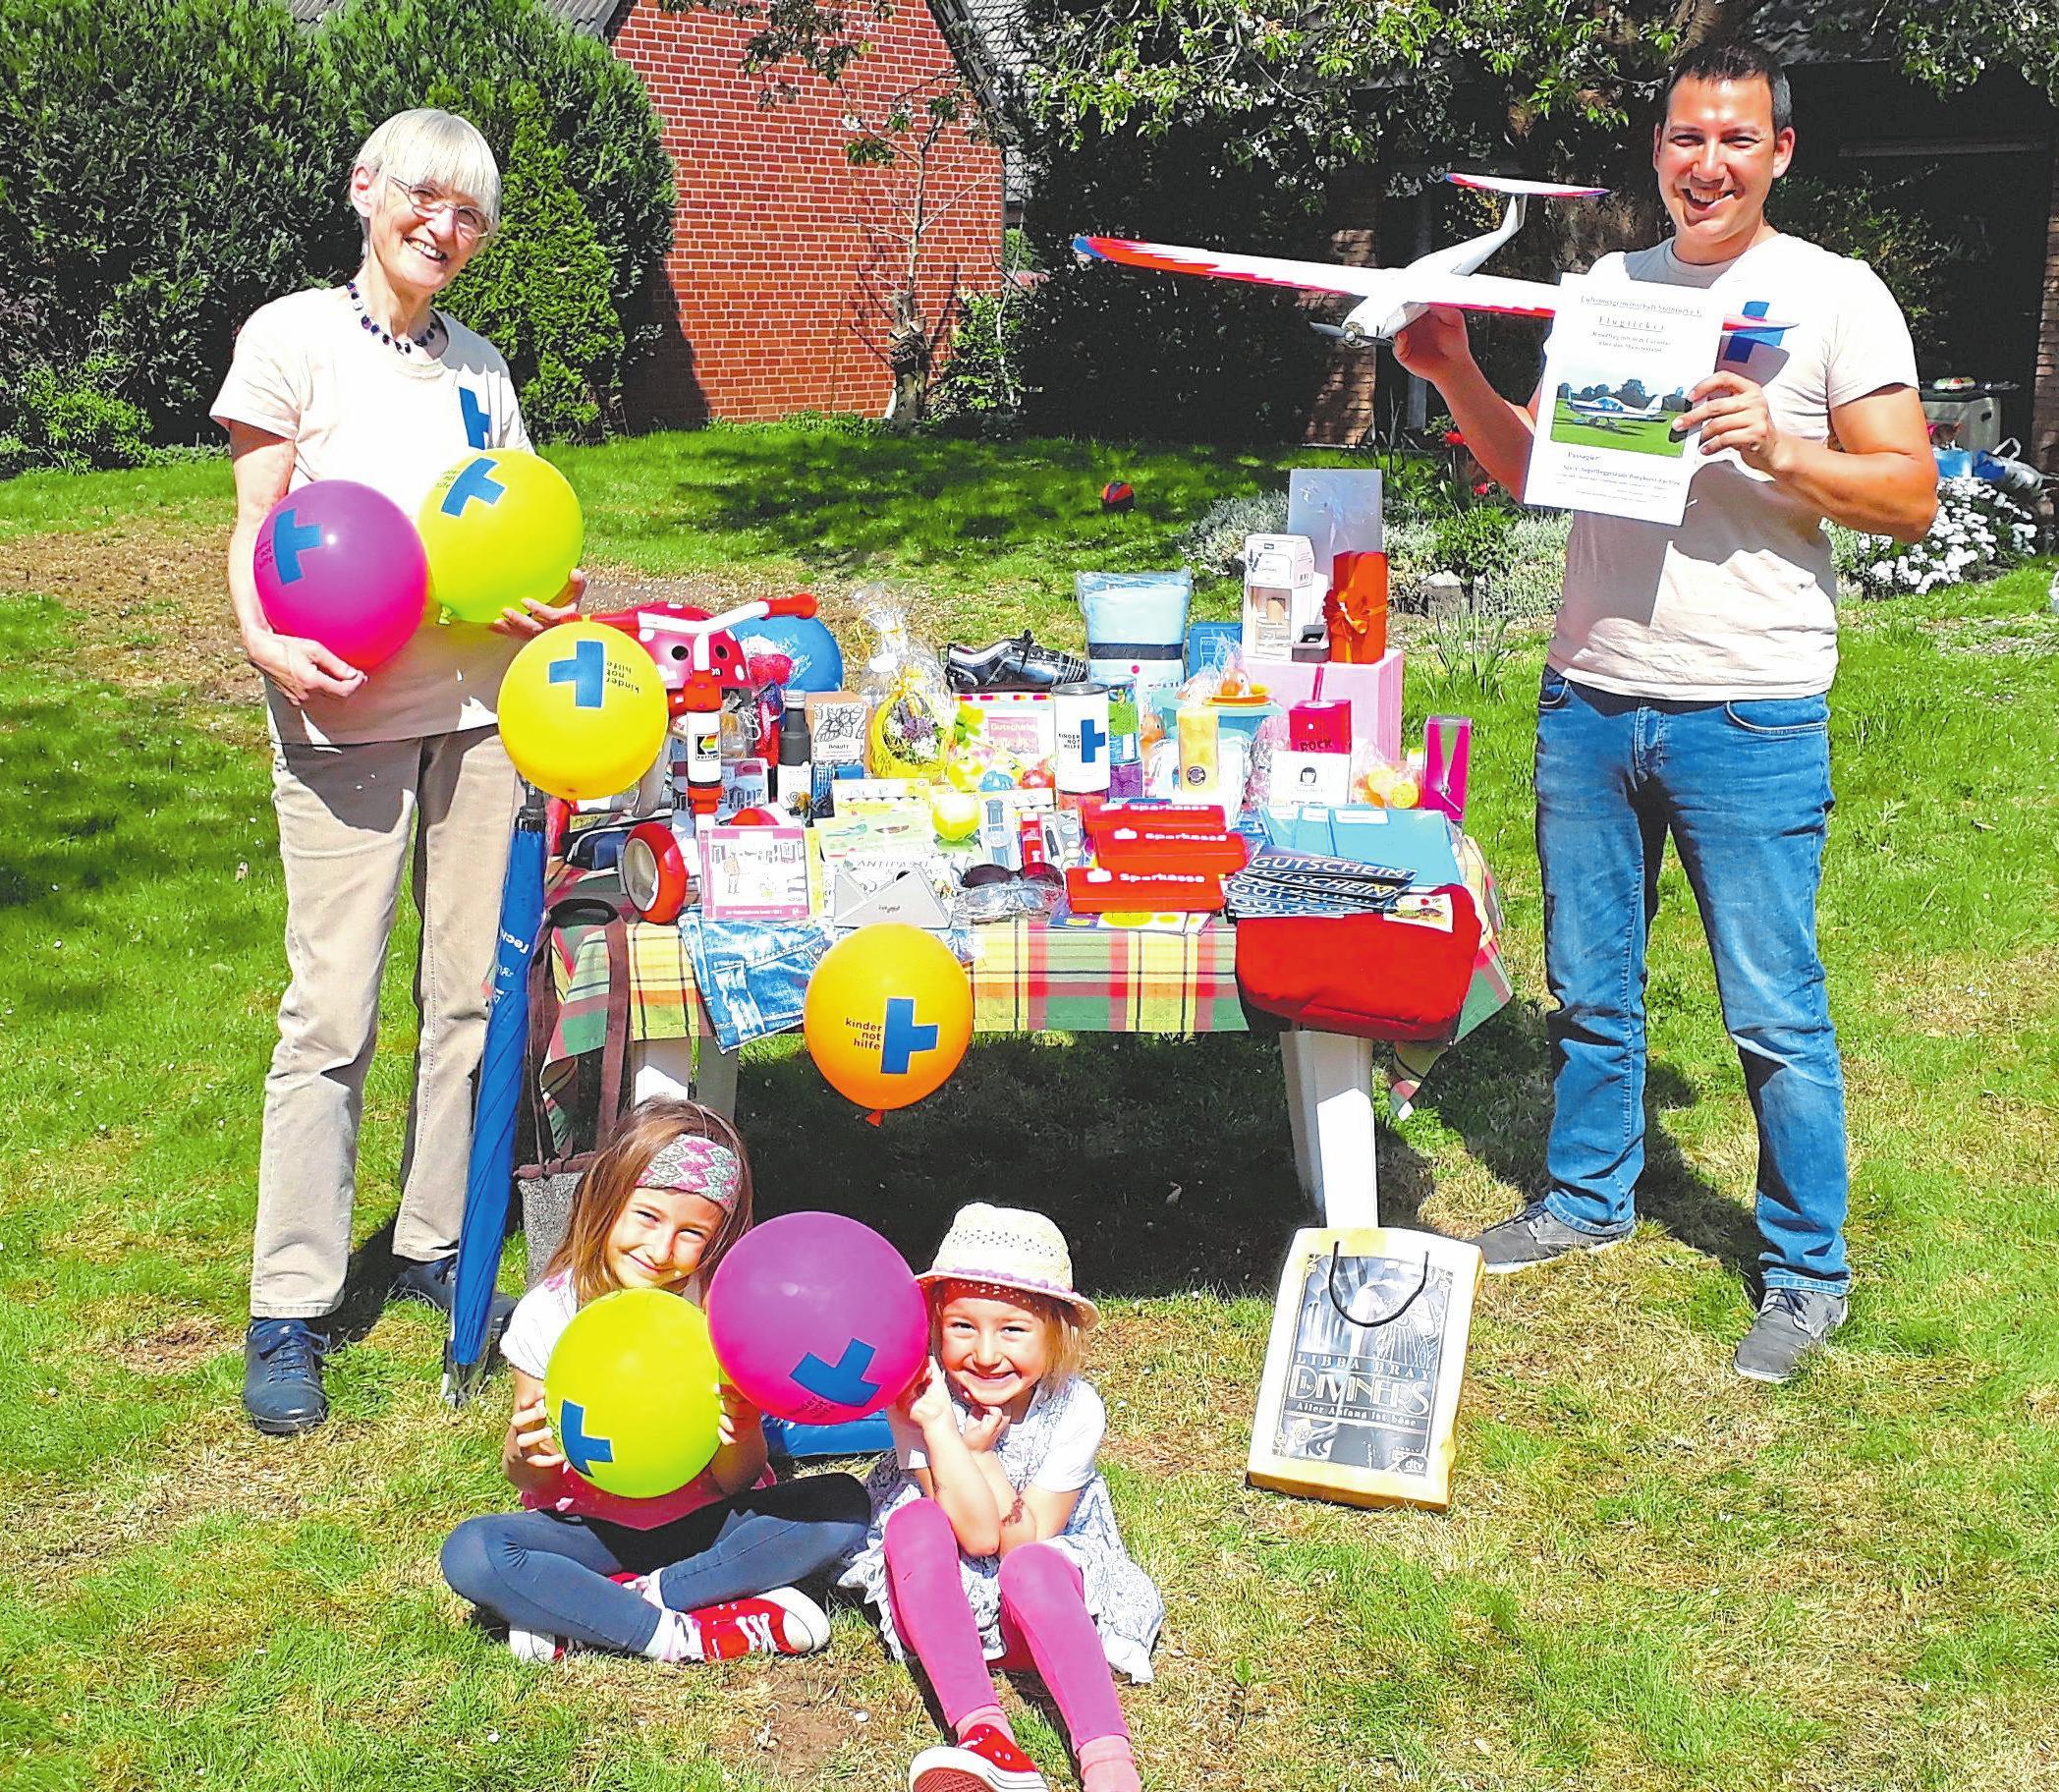 Die Aktiven der Kindernothilfe haben mit Unterstützung von Vereinen und Geschäftsleuten viele attraktive Preise gesammelt. Foto: Kindernothilfe